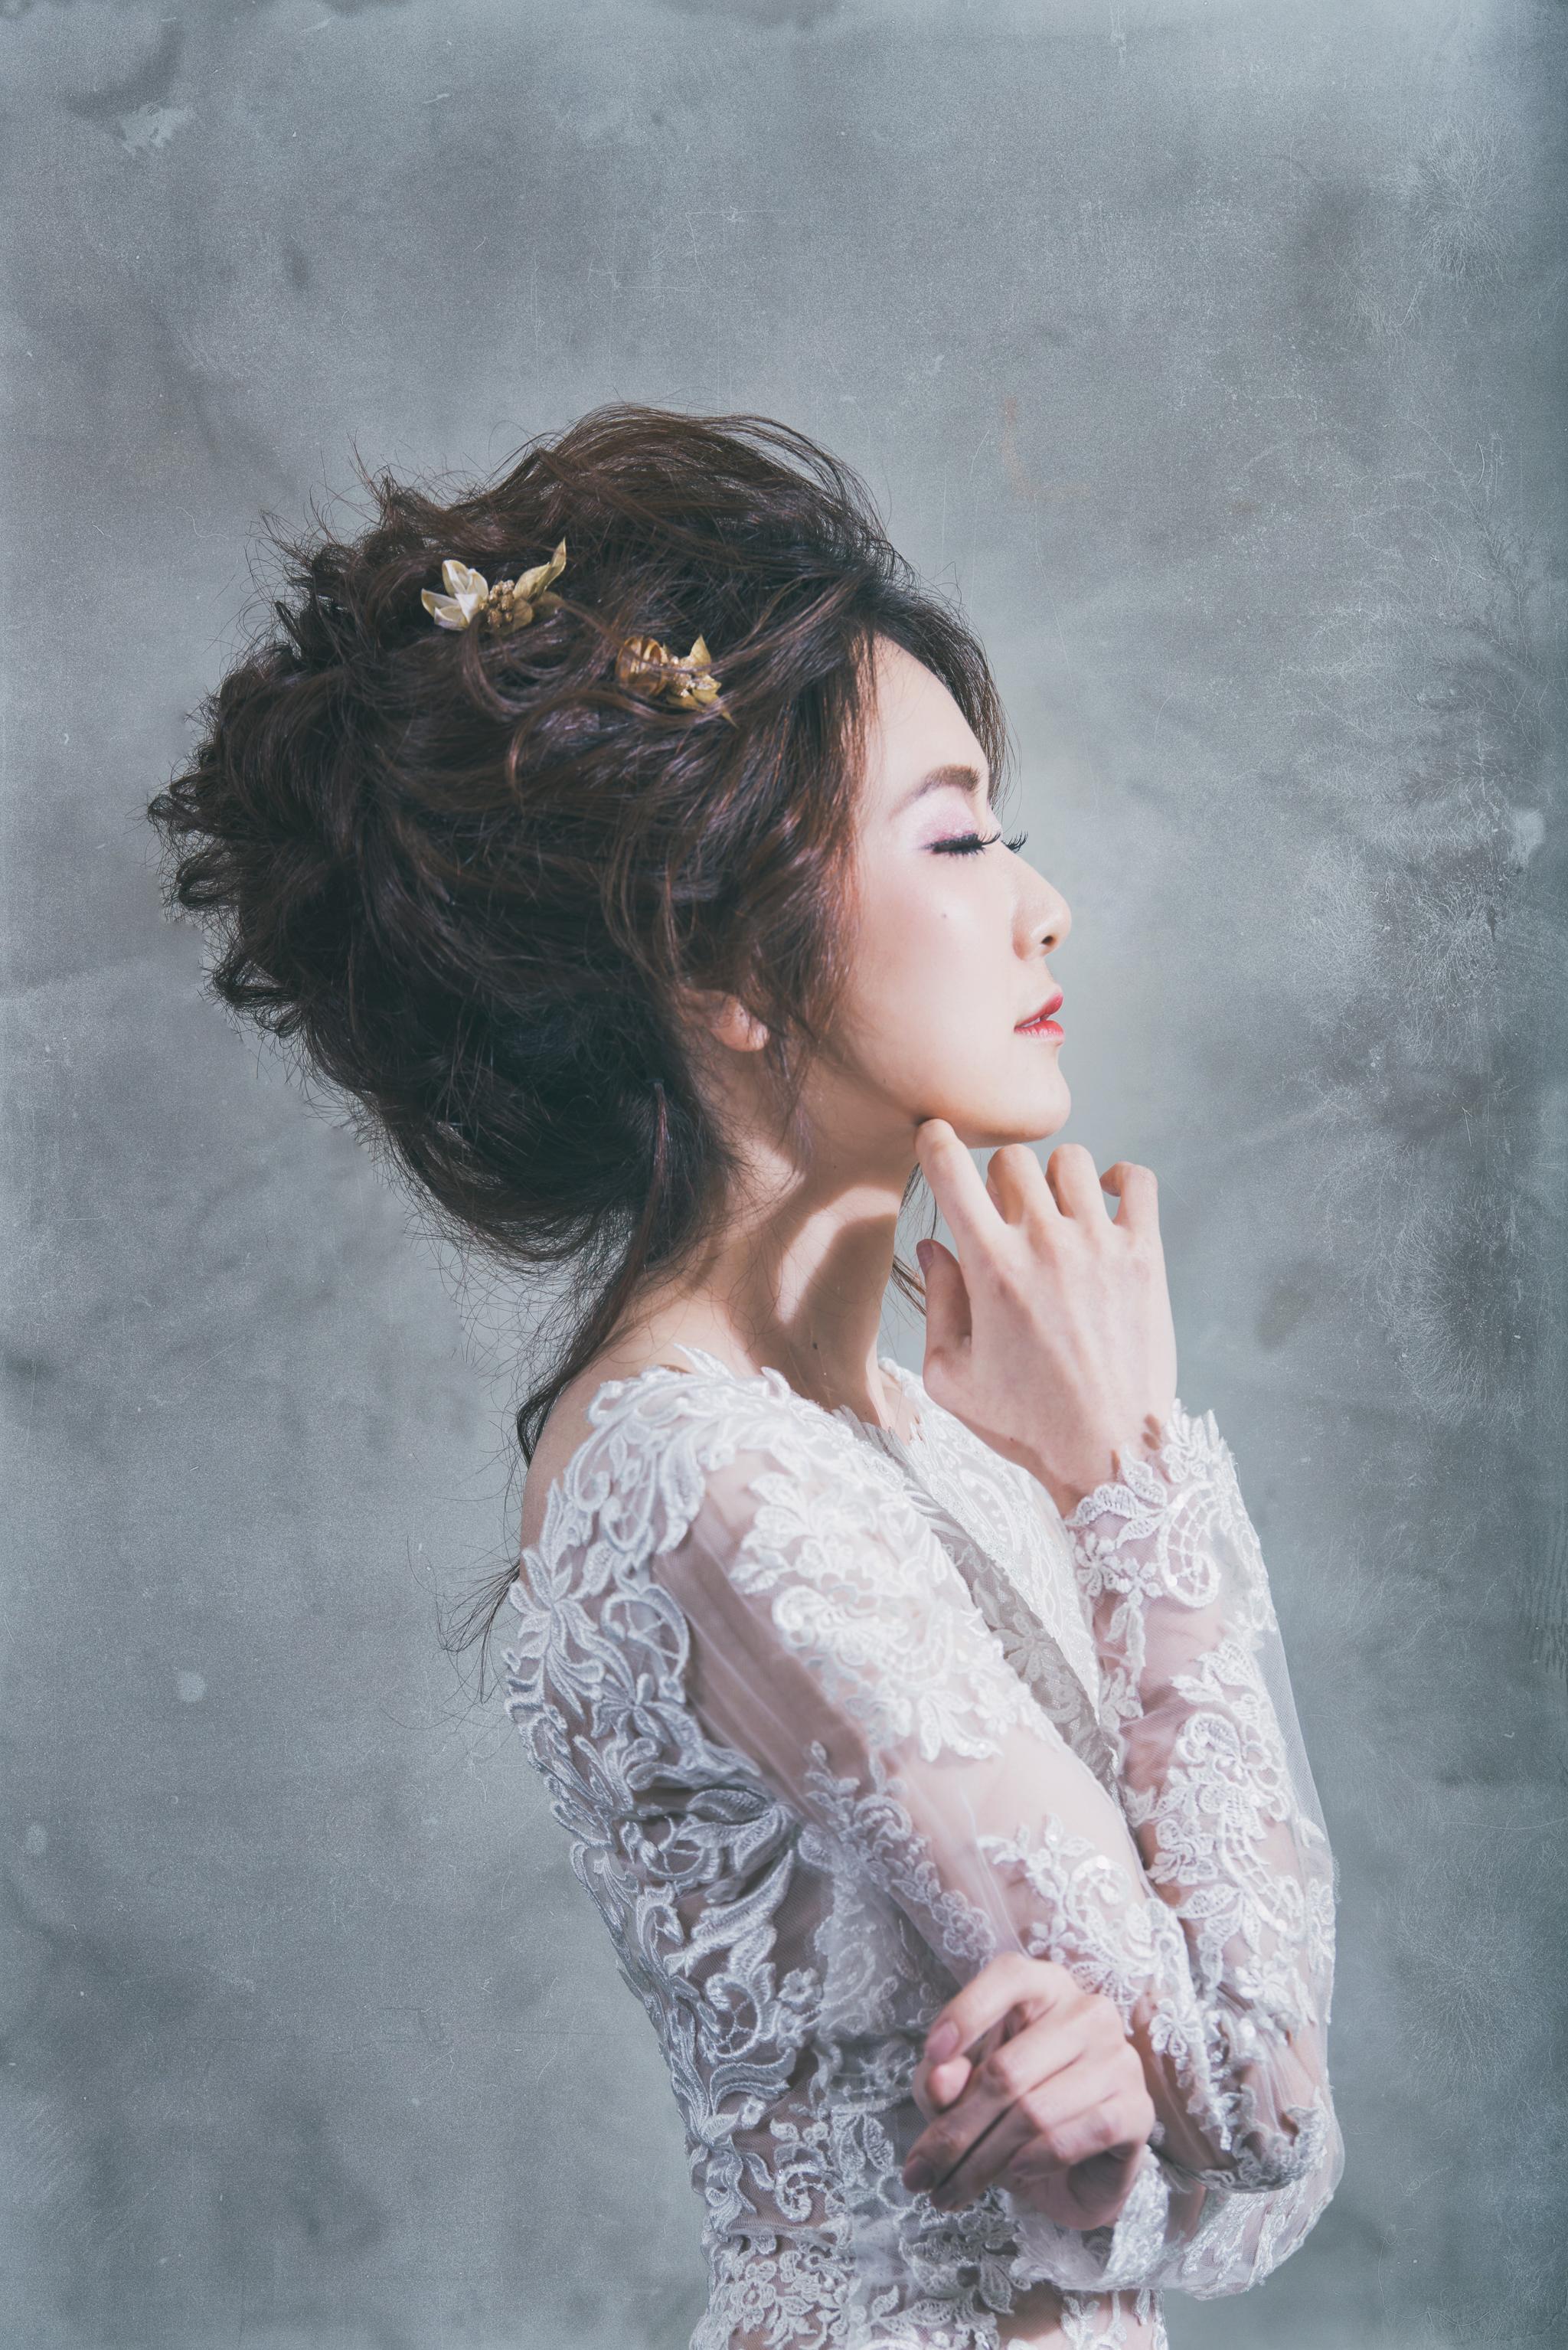 Liang-167